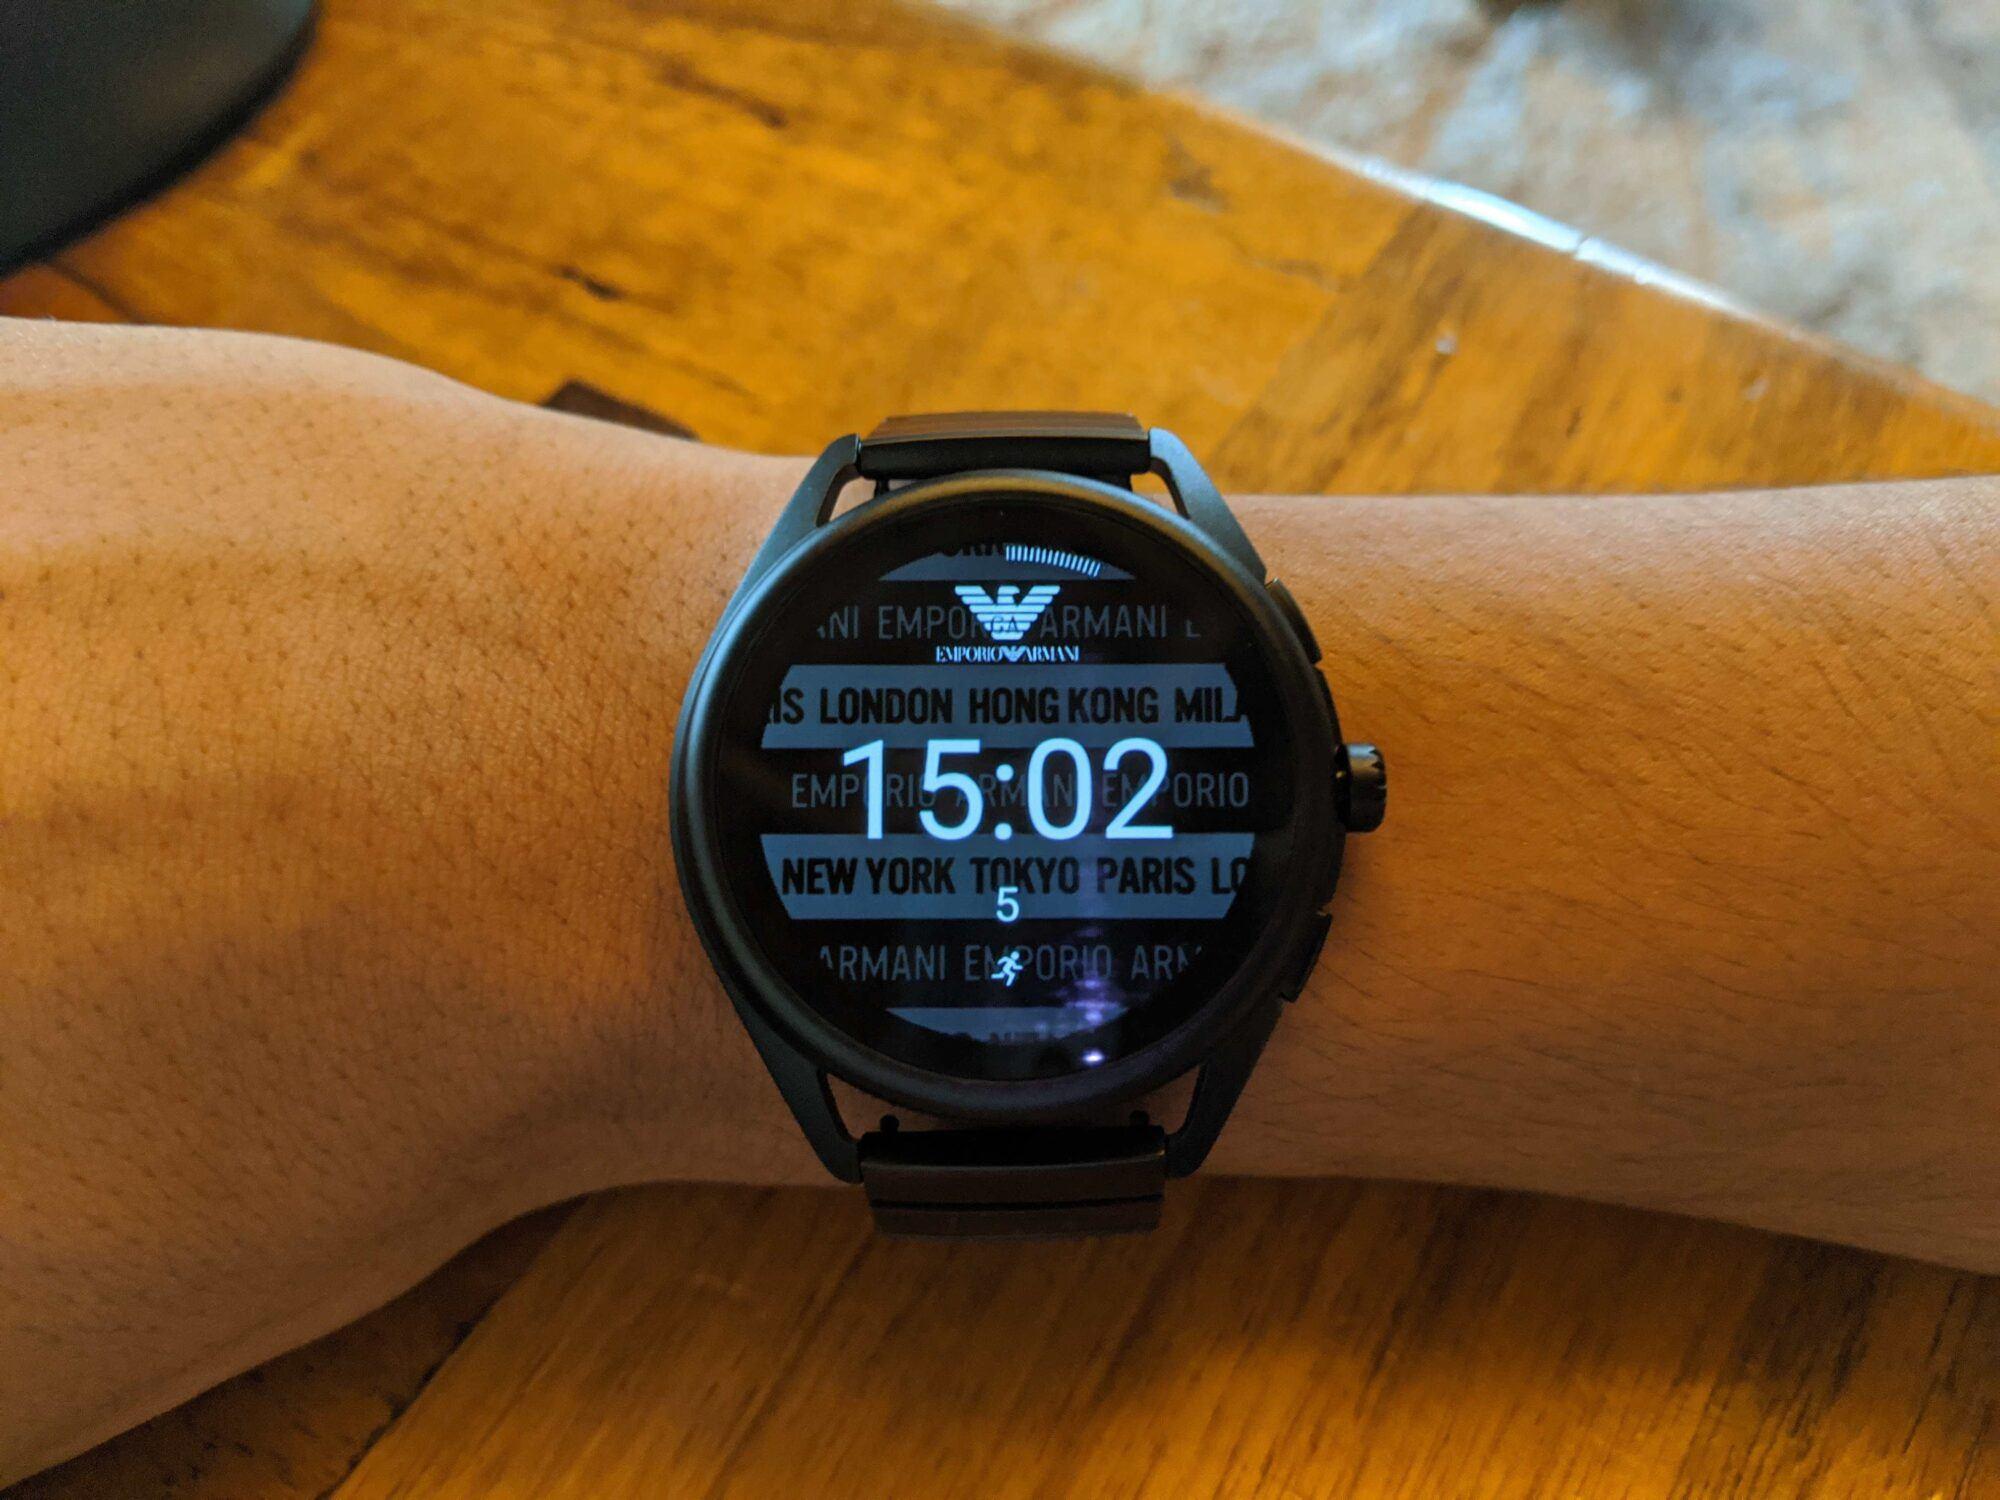 emporio armani smartwatch, watch, emporio